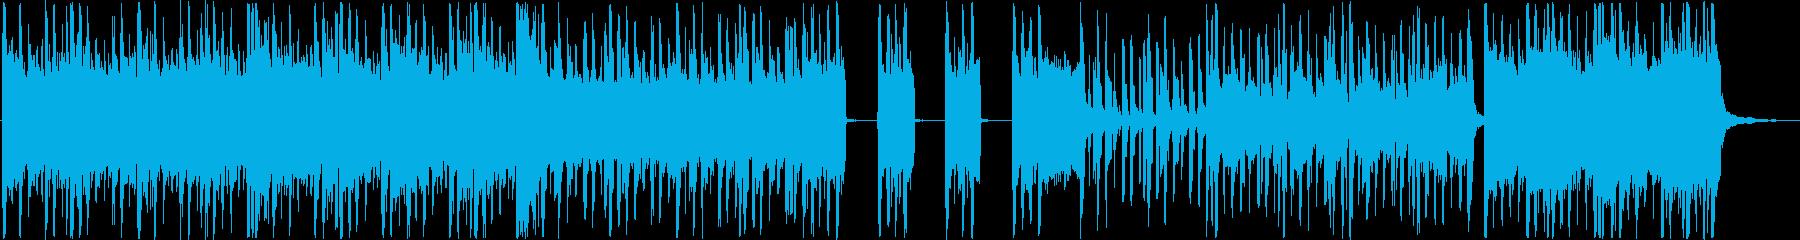 近代的なギターロックの再生済みの波形